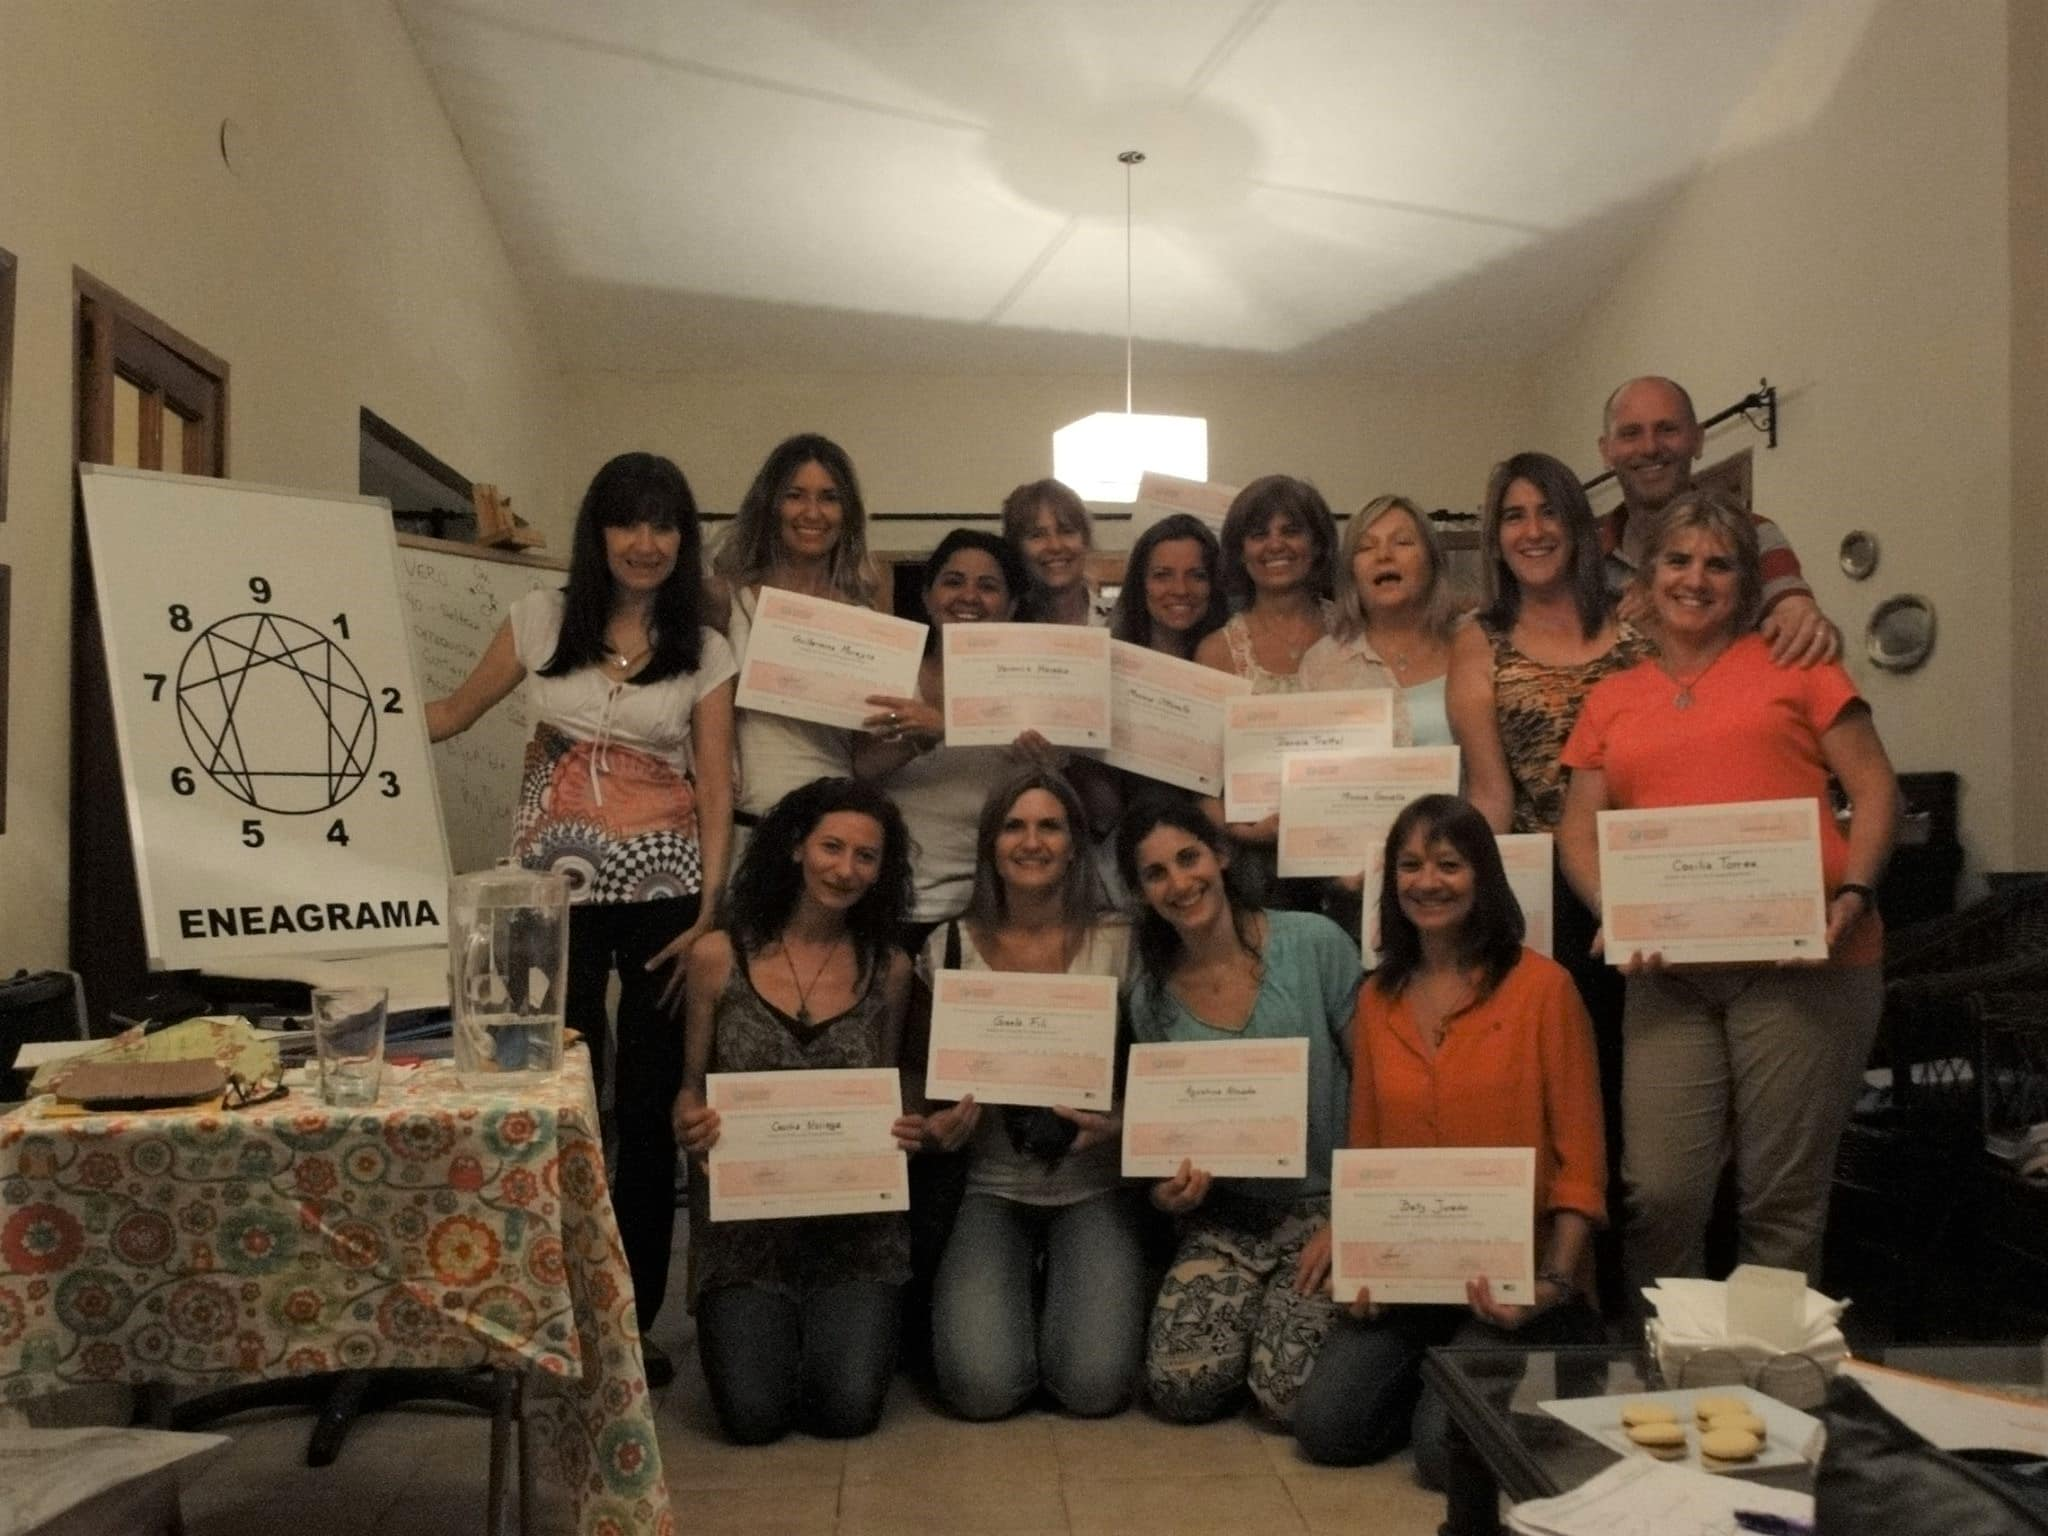 Maestras con el diploma del Curso de Eneagrama